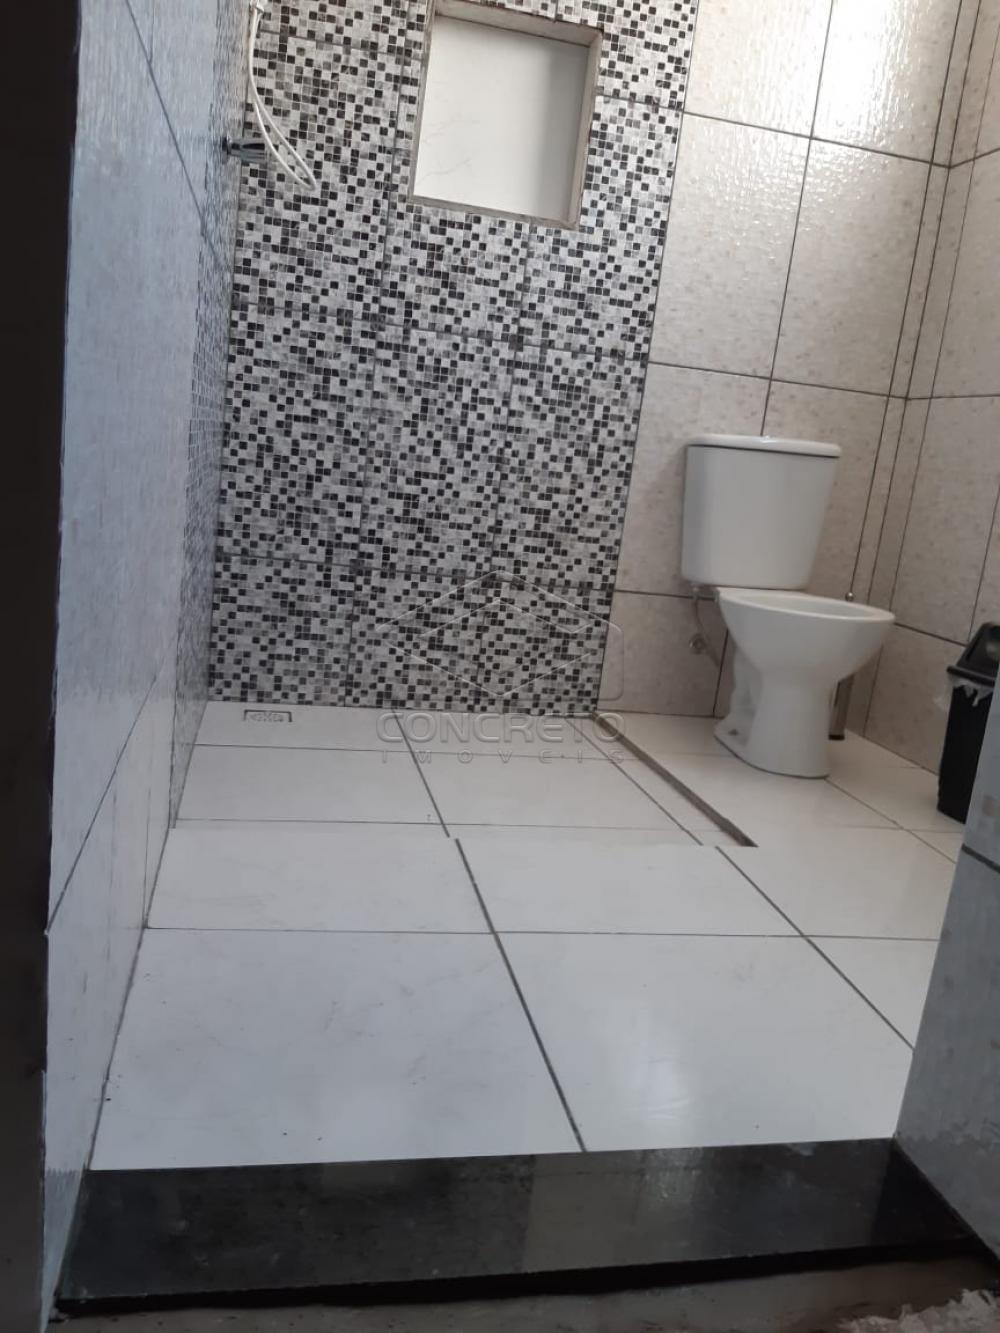 Comprar Casa / Residencia em Bauru R$ 180.000,00 - Foto 3